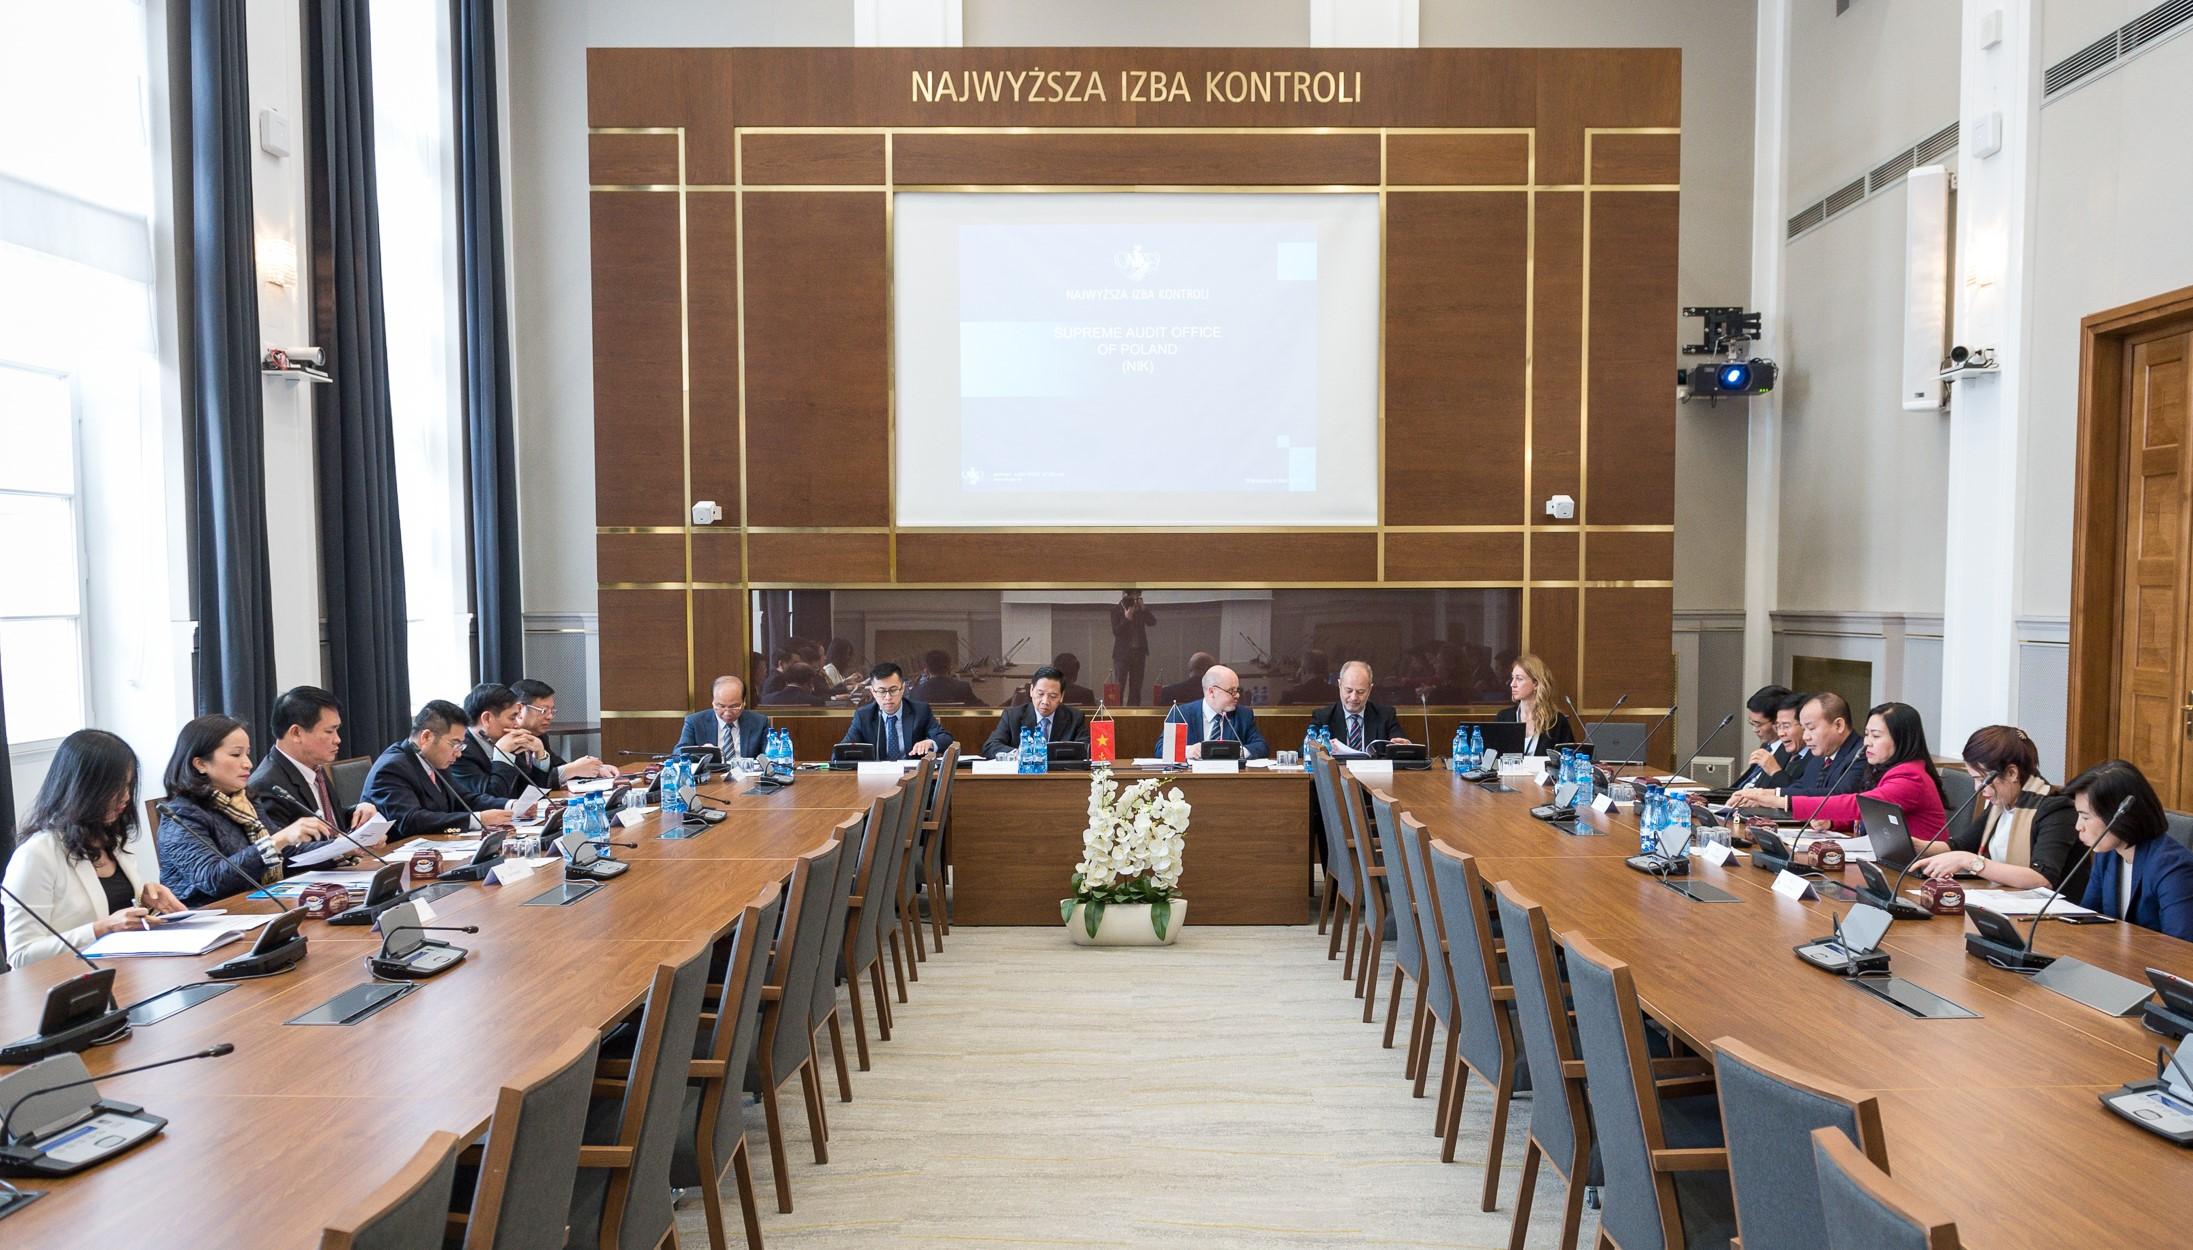 Phó Tổng Kiểm toán Nhà nước Đặng Thế Vinh thăm và làm việc với Cơ quan Kiểm toán tối cao Ba Lan